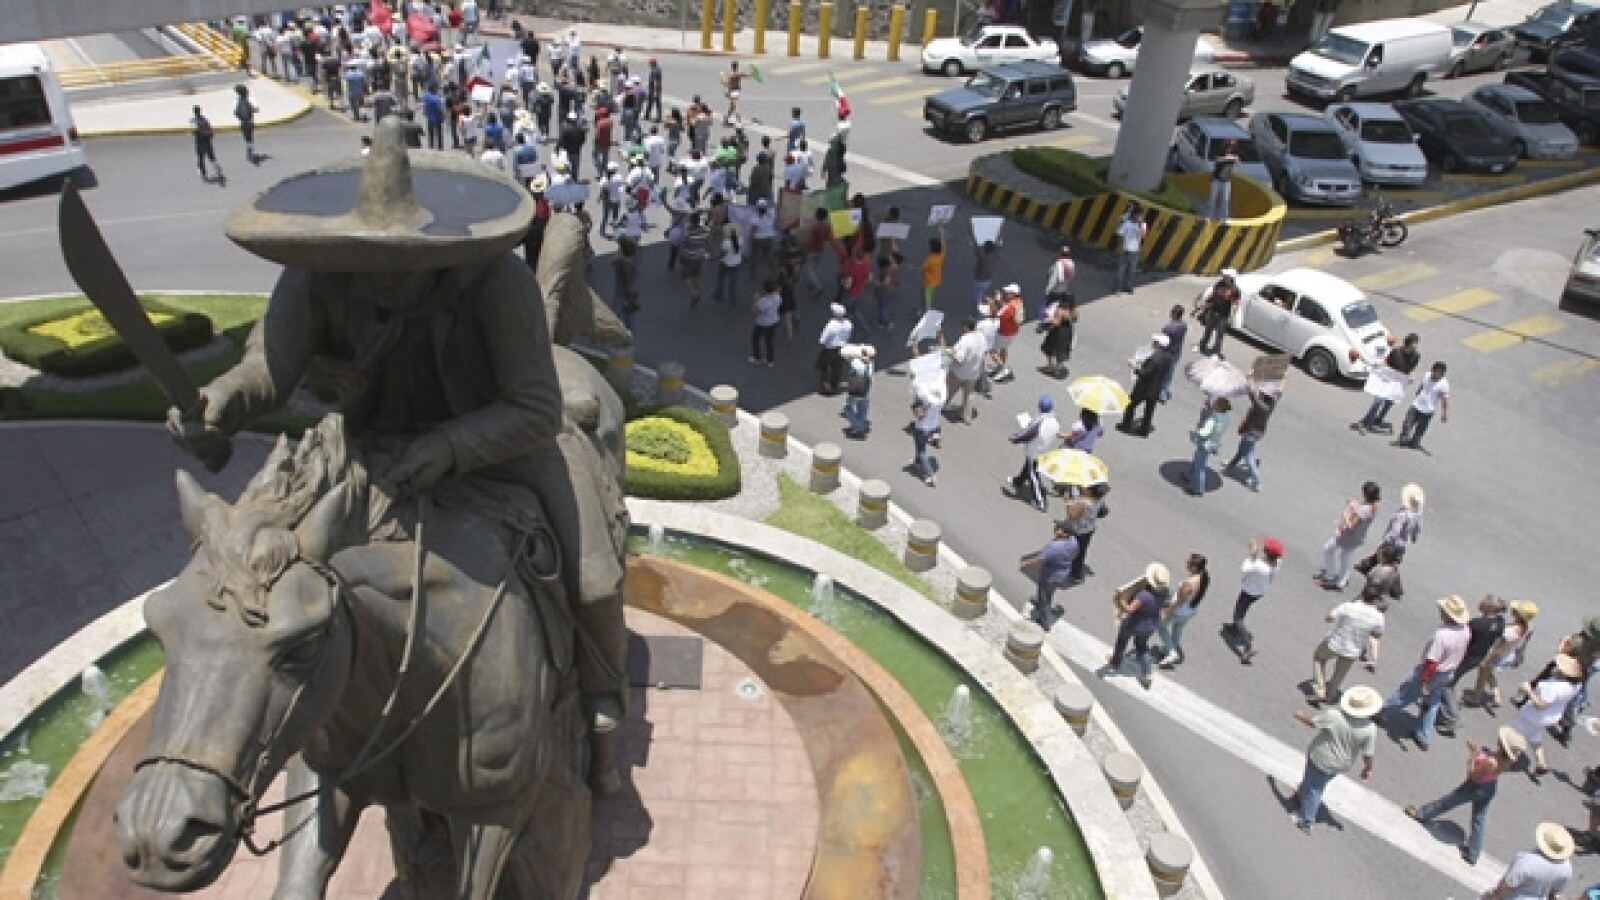 marcha cuernavaca, yosoy132, 22 de julio